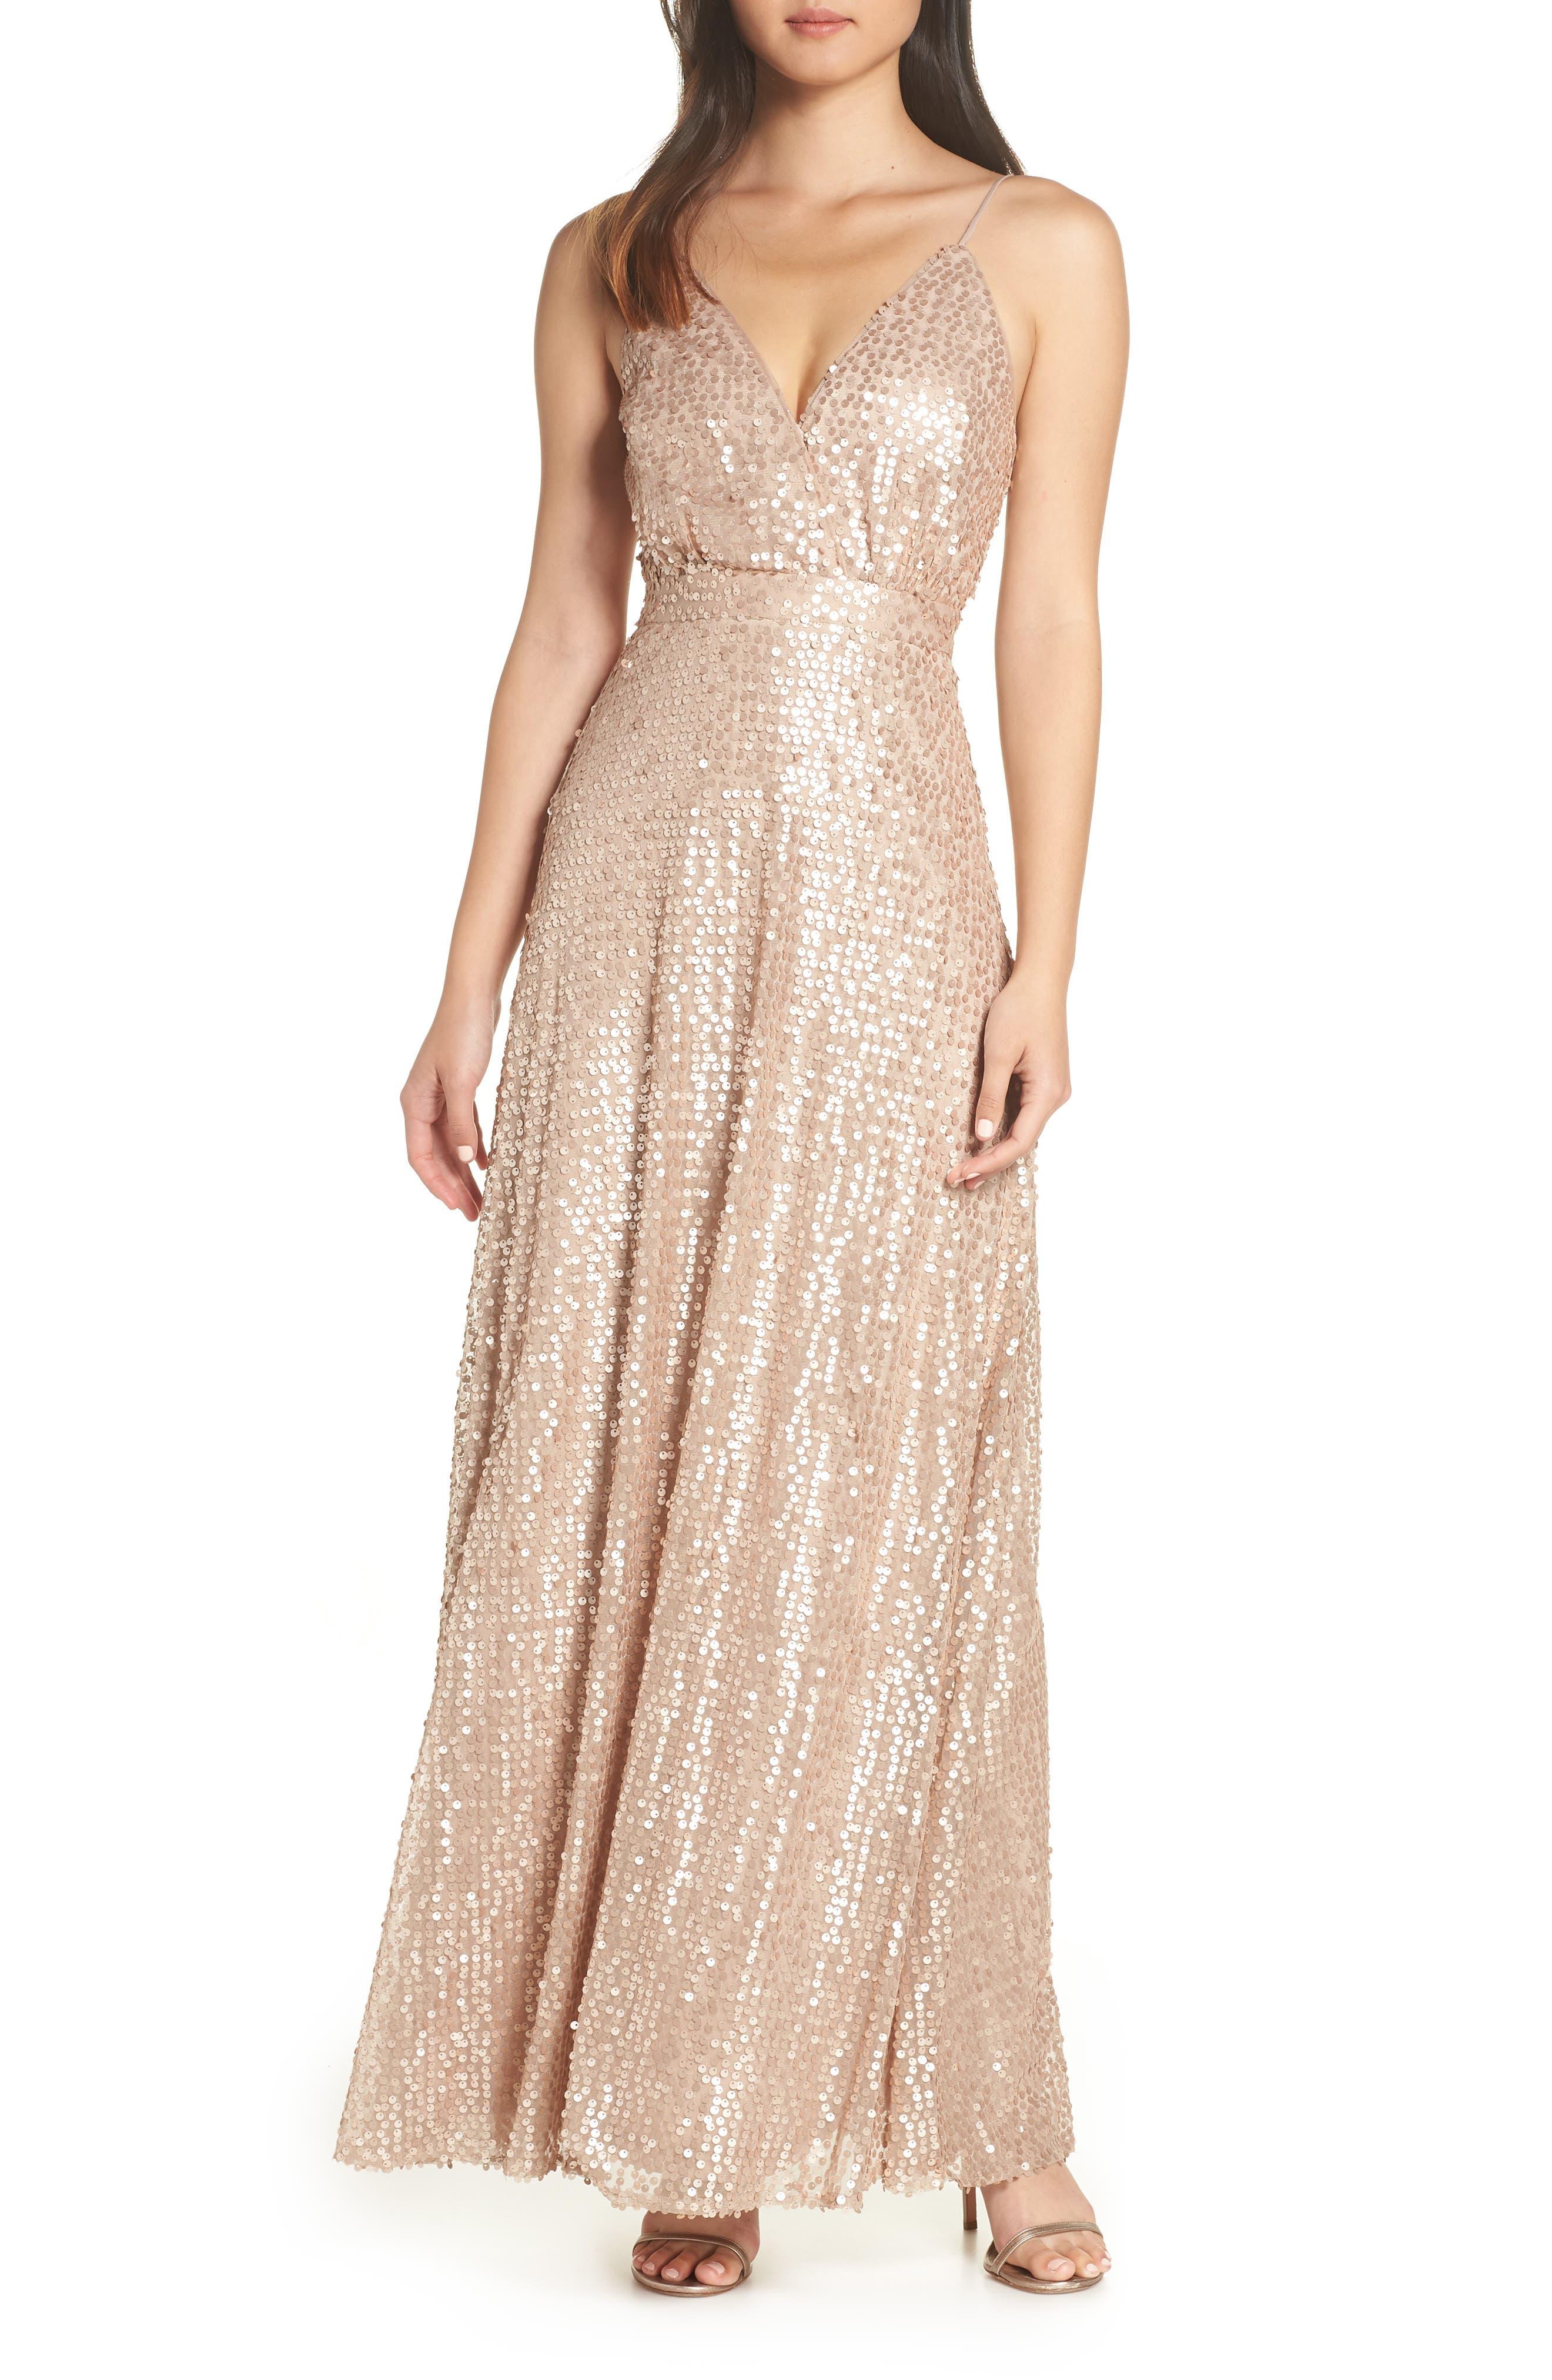 Copper Aline Dresses